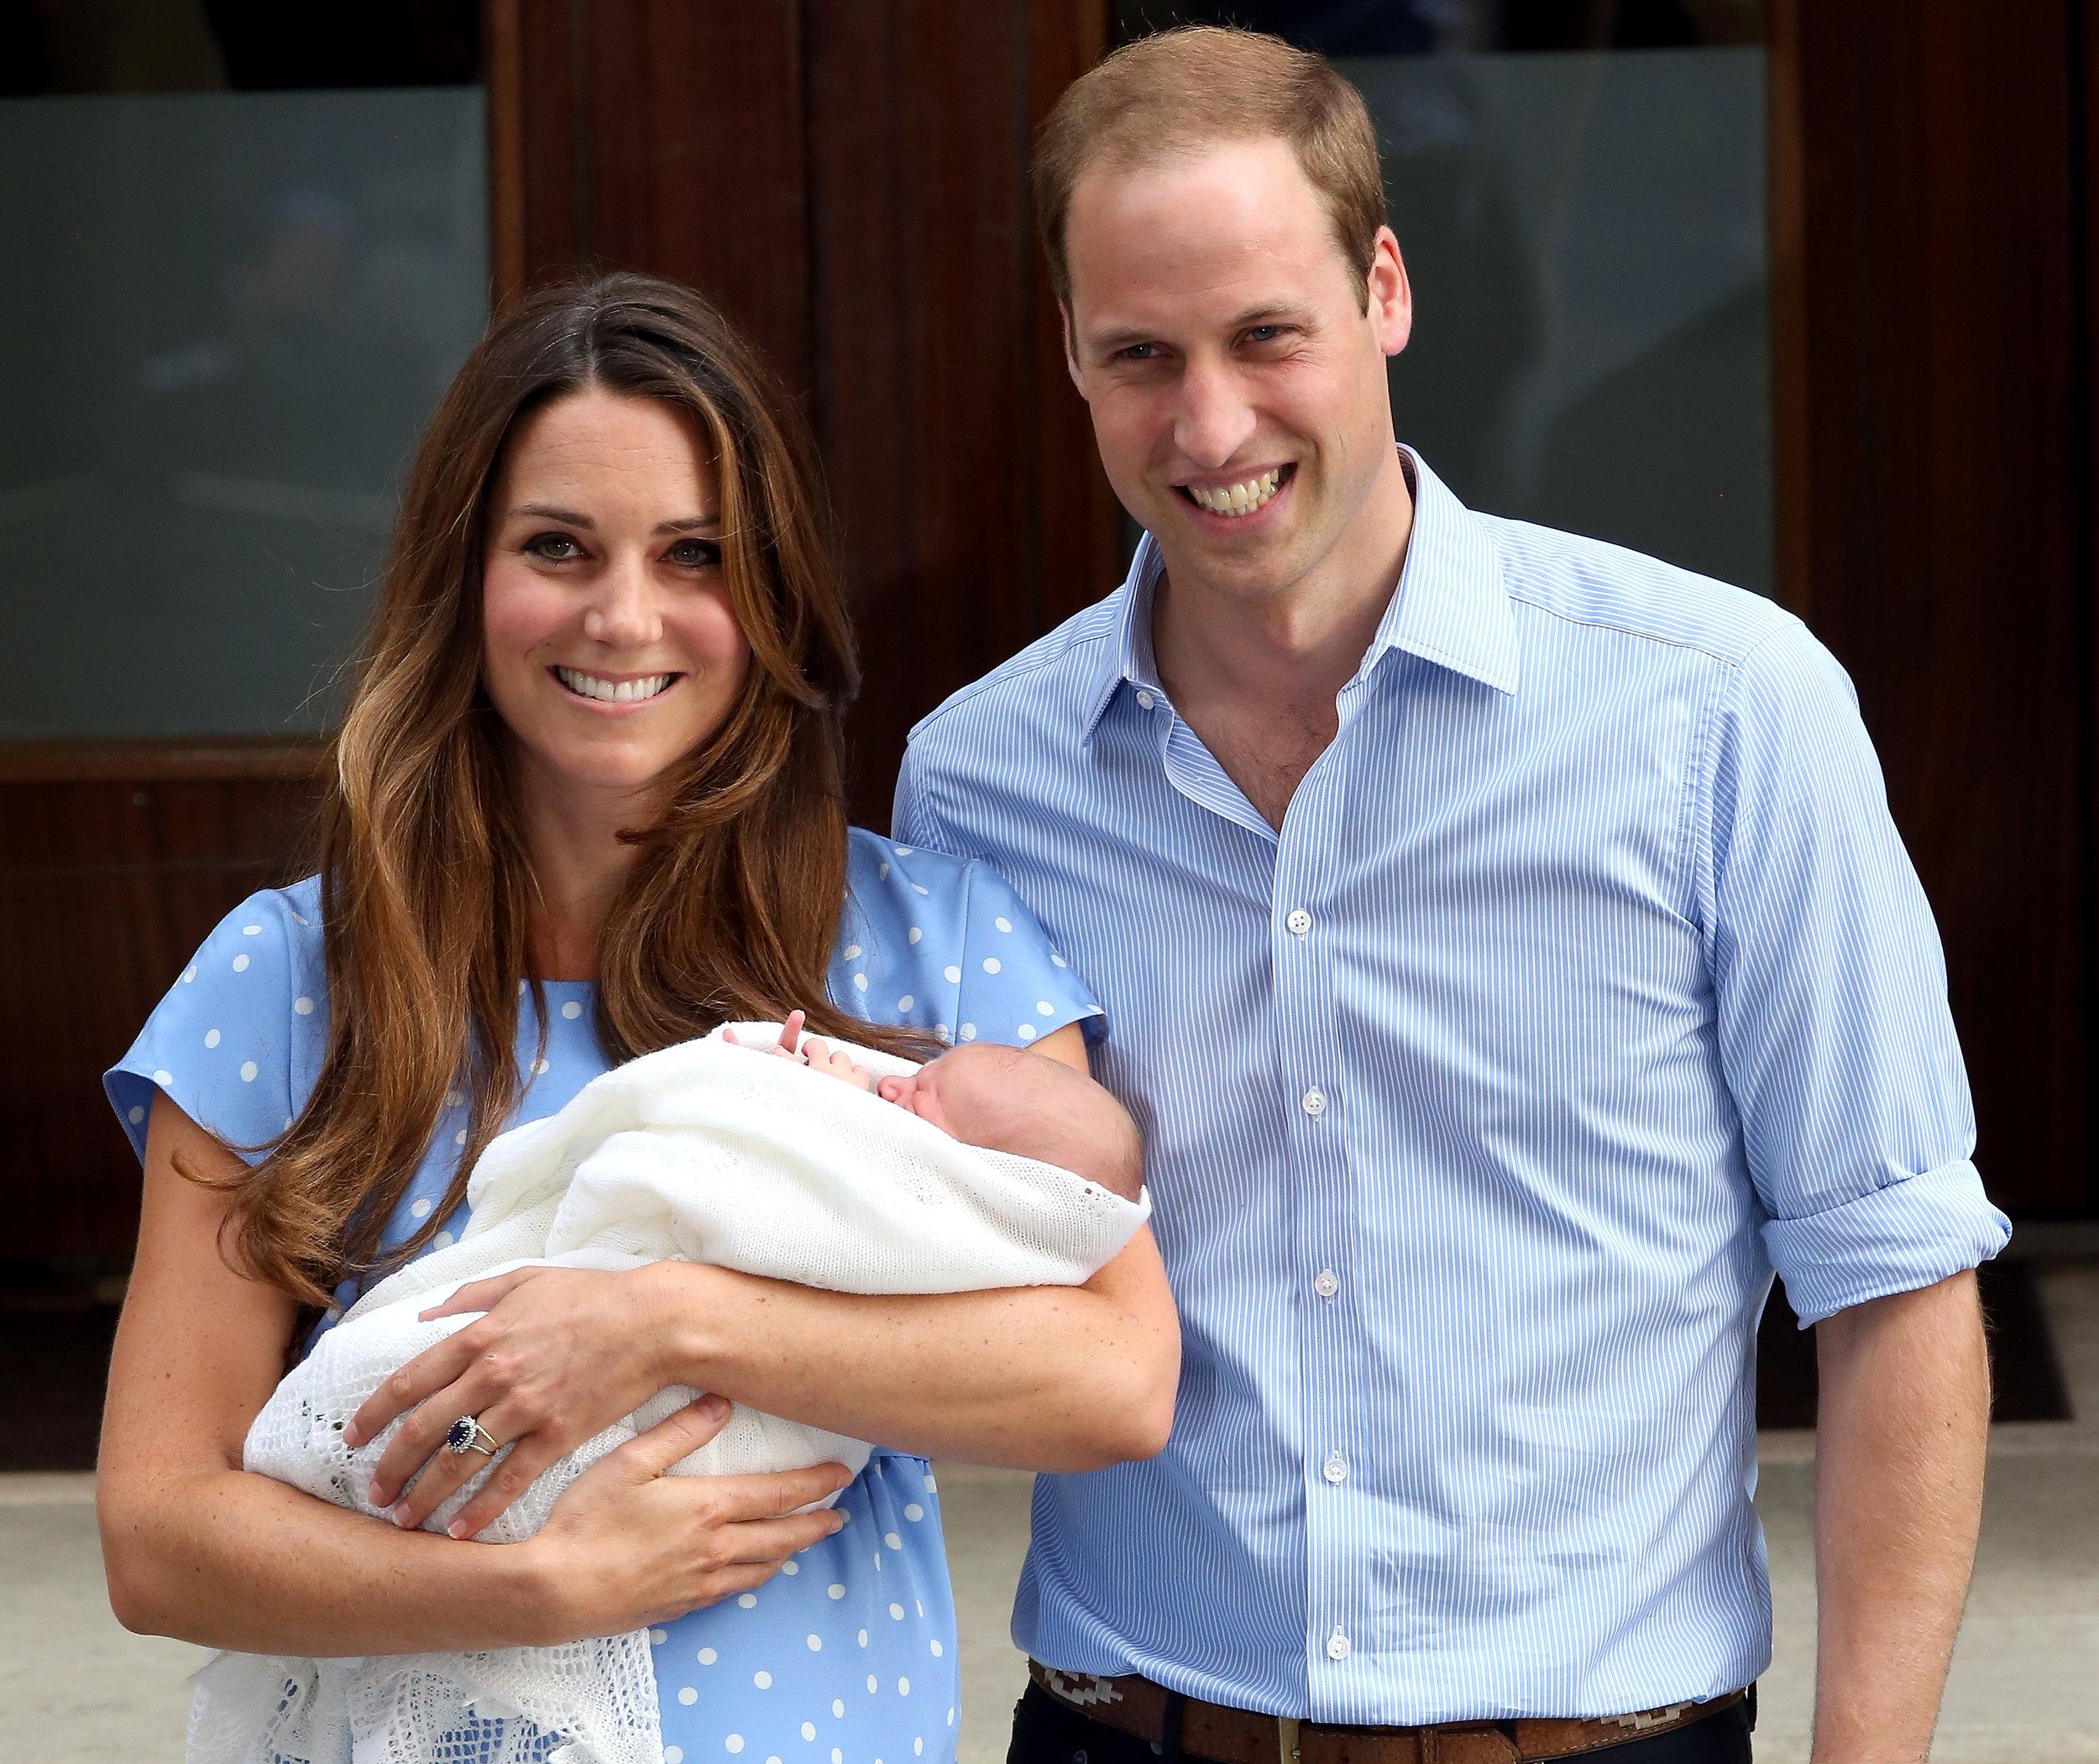 Herzogin Kate und Prinz William verlassen die Klinik mit Baby George.   Foto. Getty Images